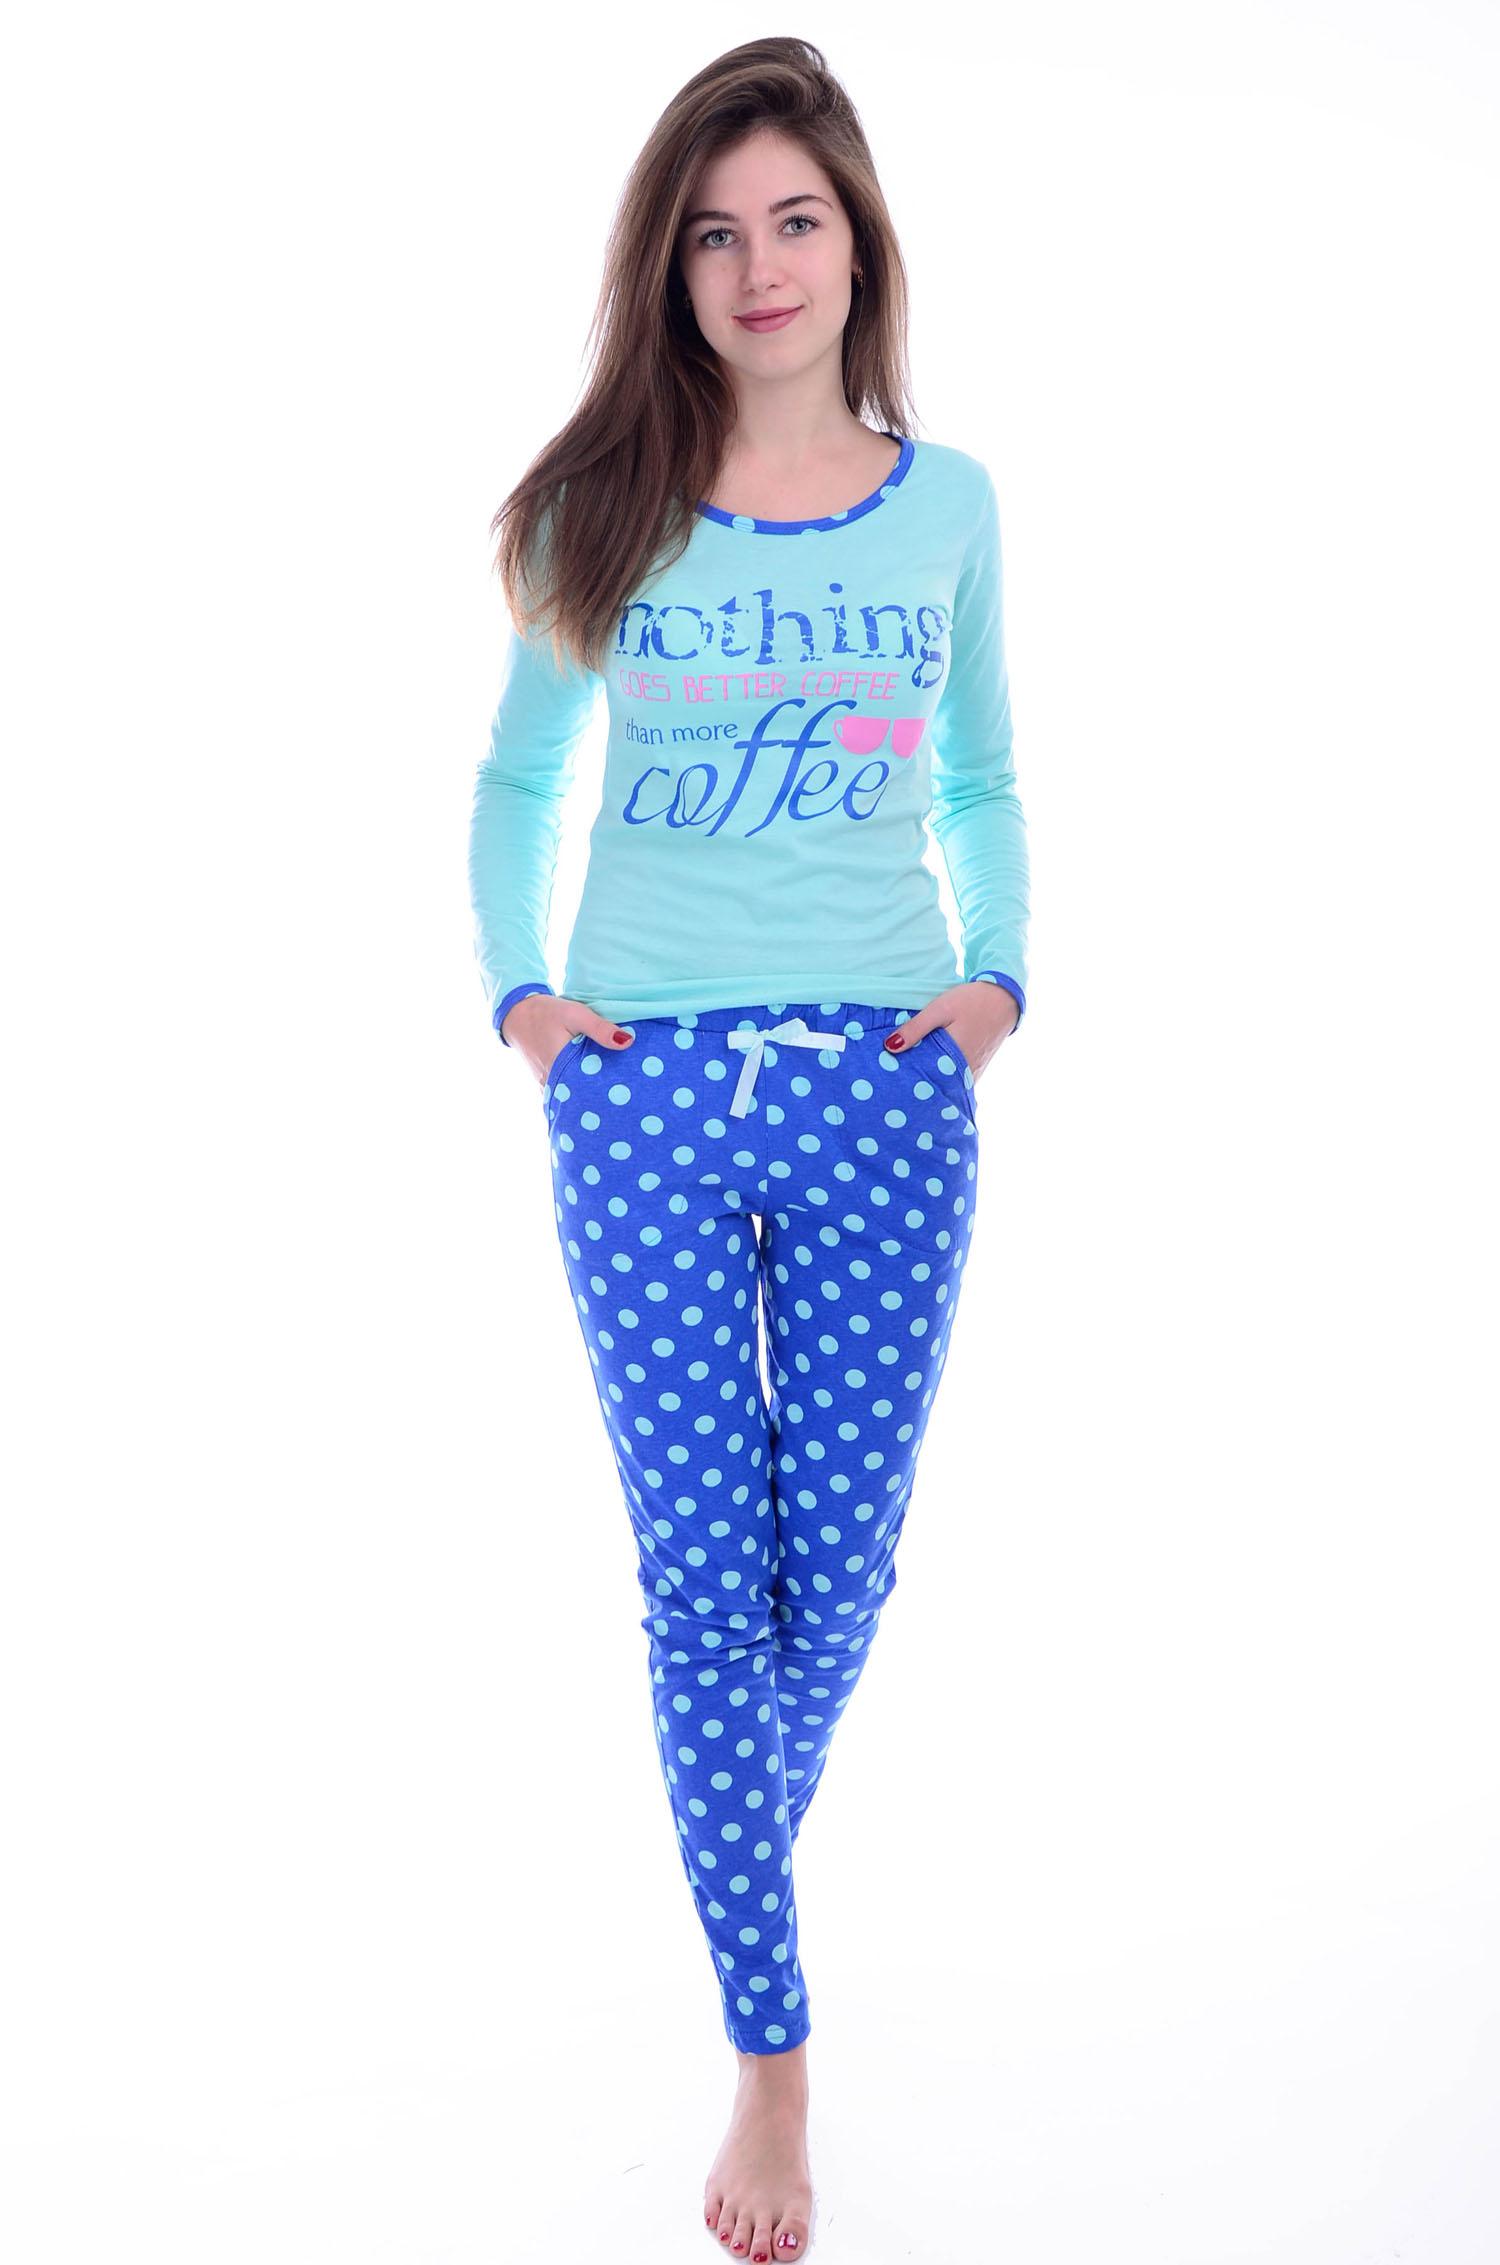 Костюм женский Кофе футболка и брюкиДомашняя одежда<br><br><br>Размер: 56